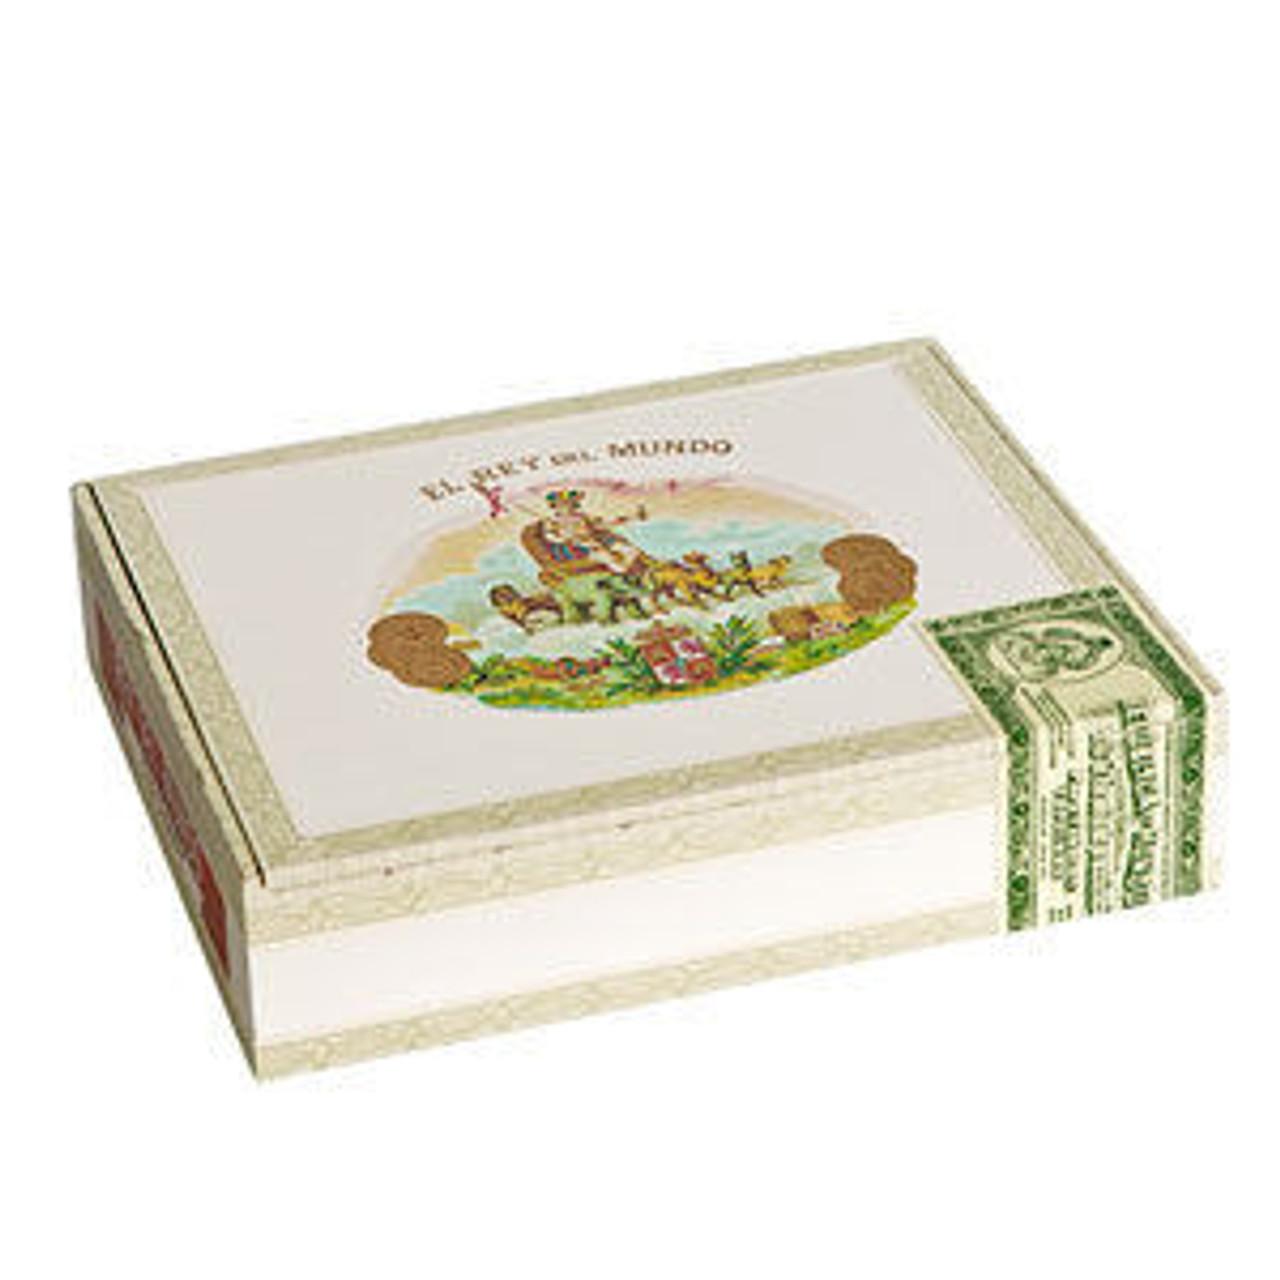 El Rey del Mundo Reserva Salado Cigars - 6.0 x 54 (Box of 40)